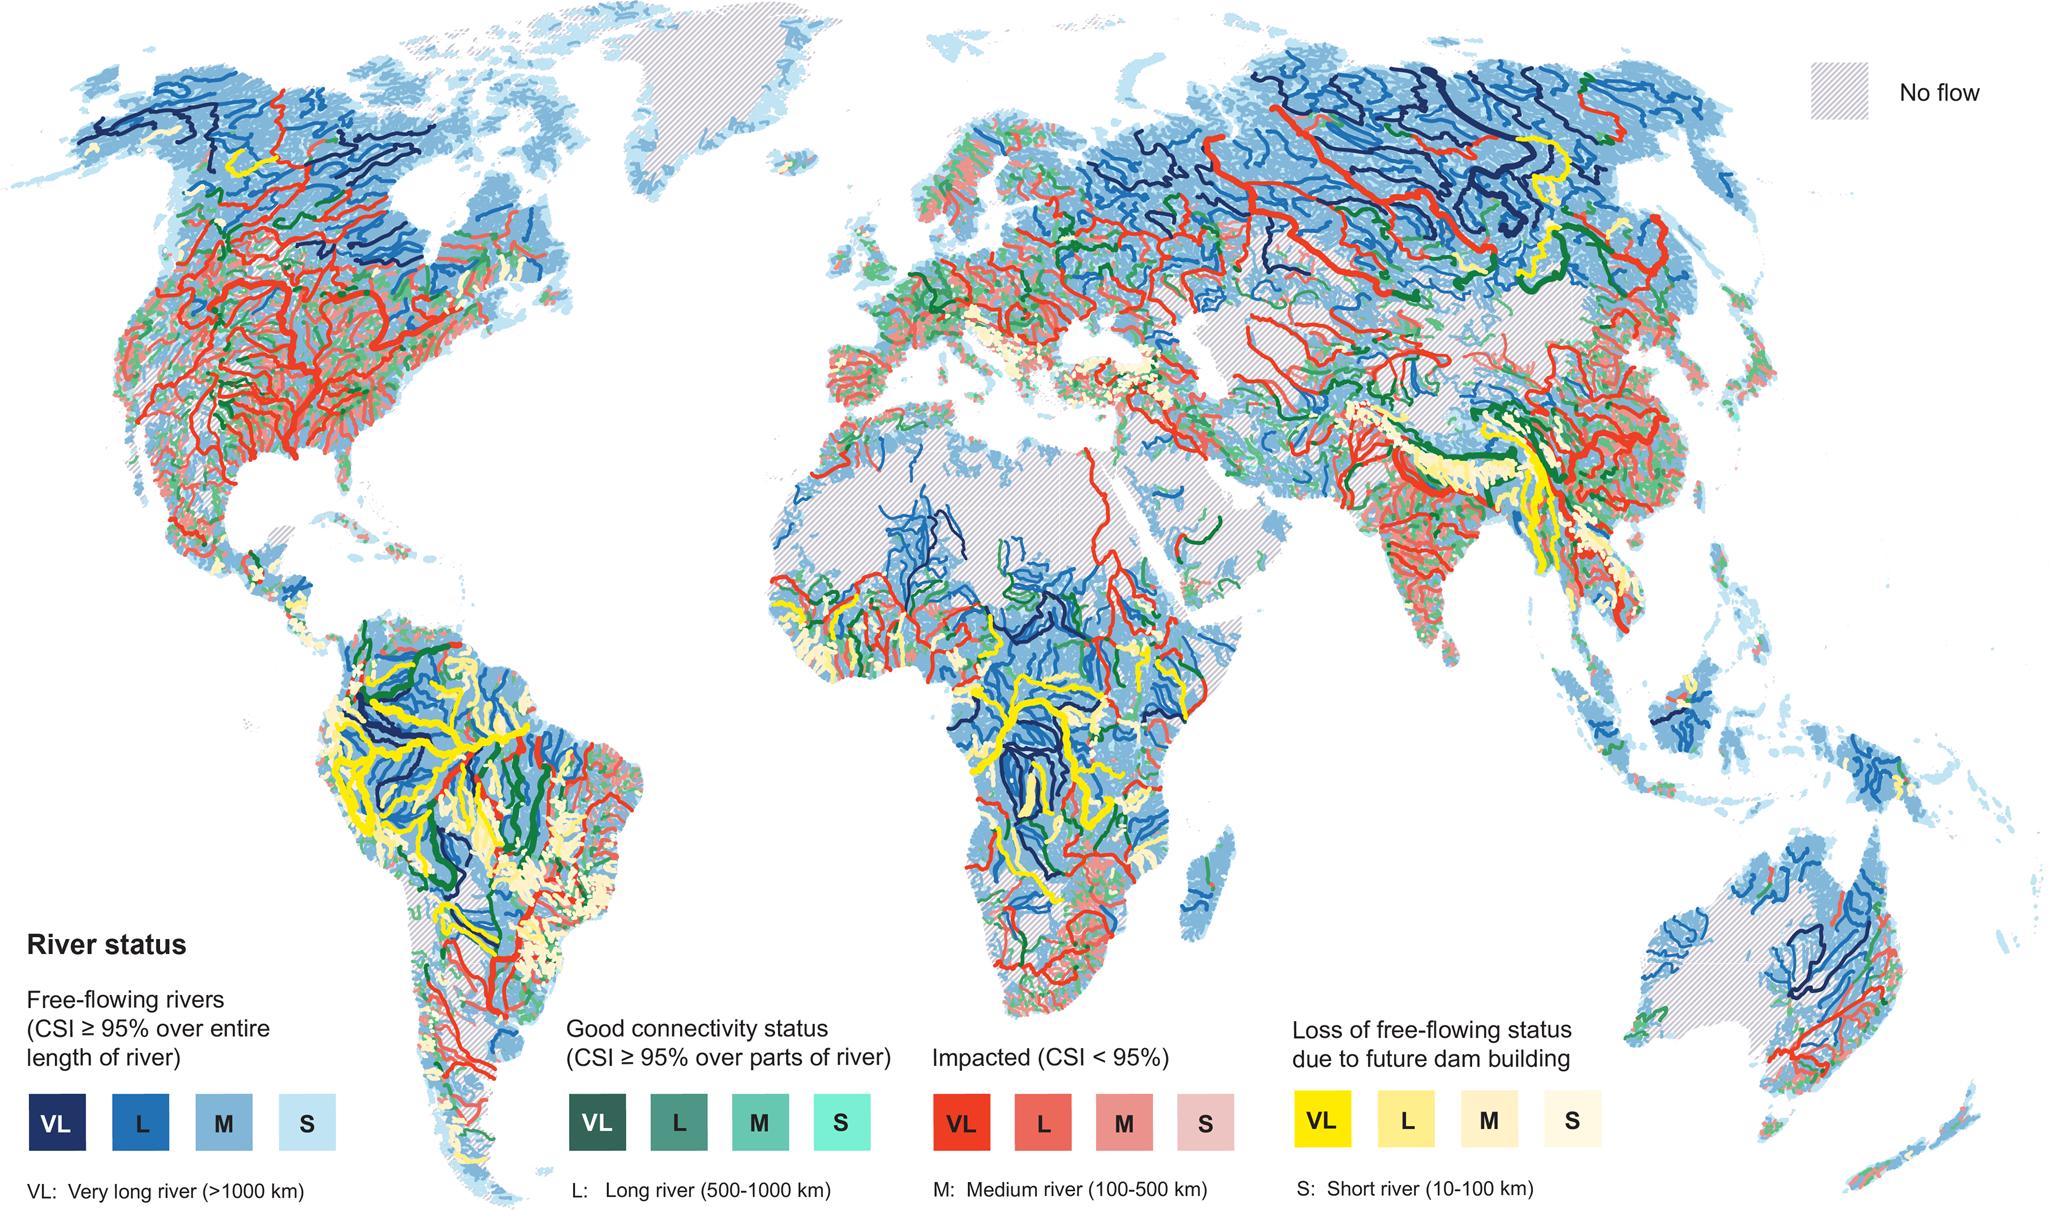 Status de conectividade global do rio e distribuição de rios que perdem seu status de fluxo livre entre os cenários de barragem atual e futuro